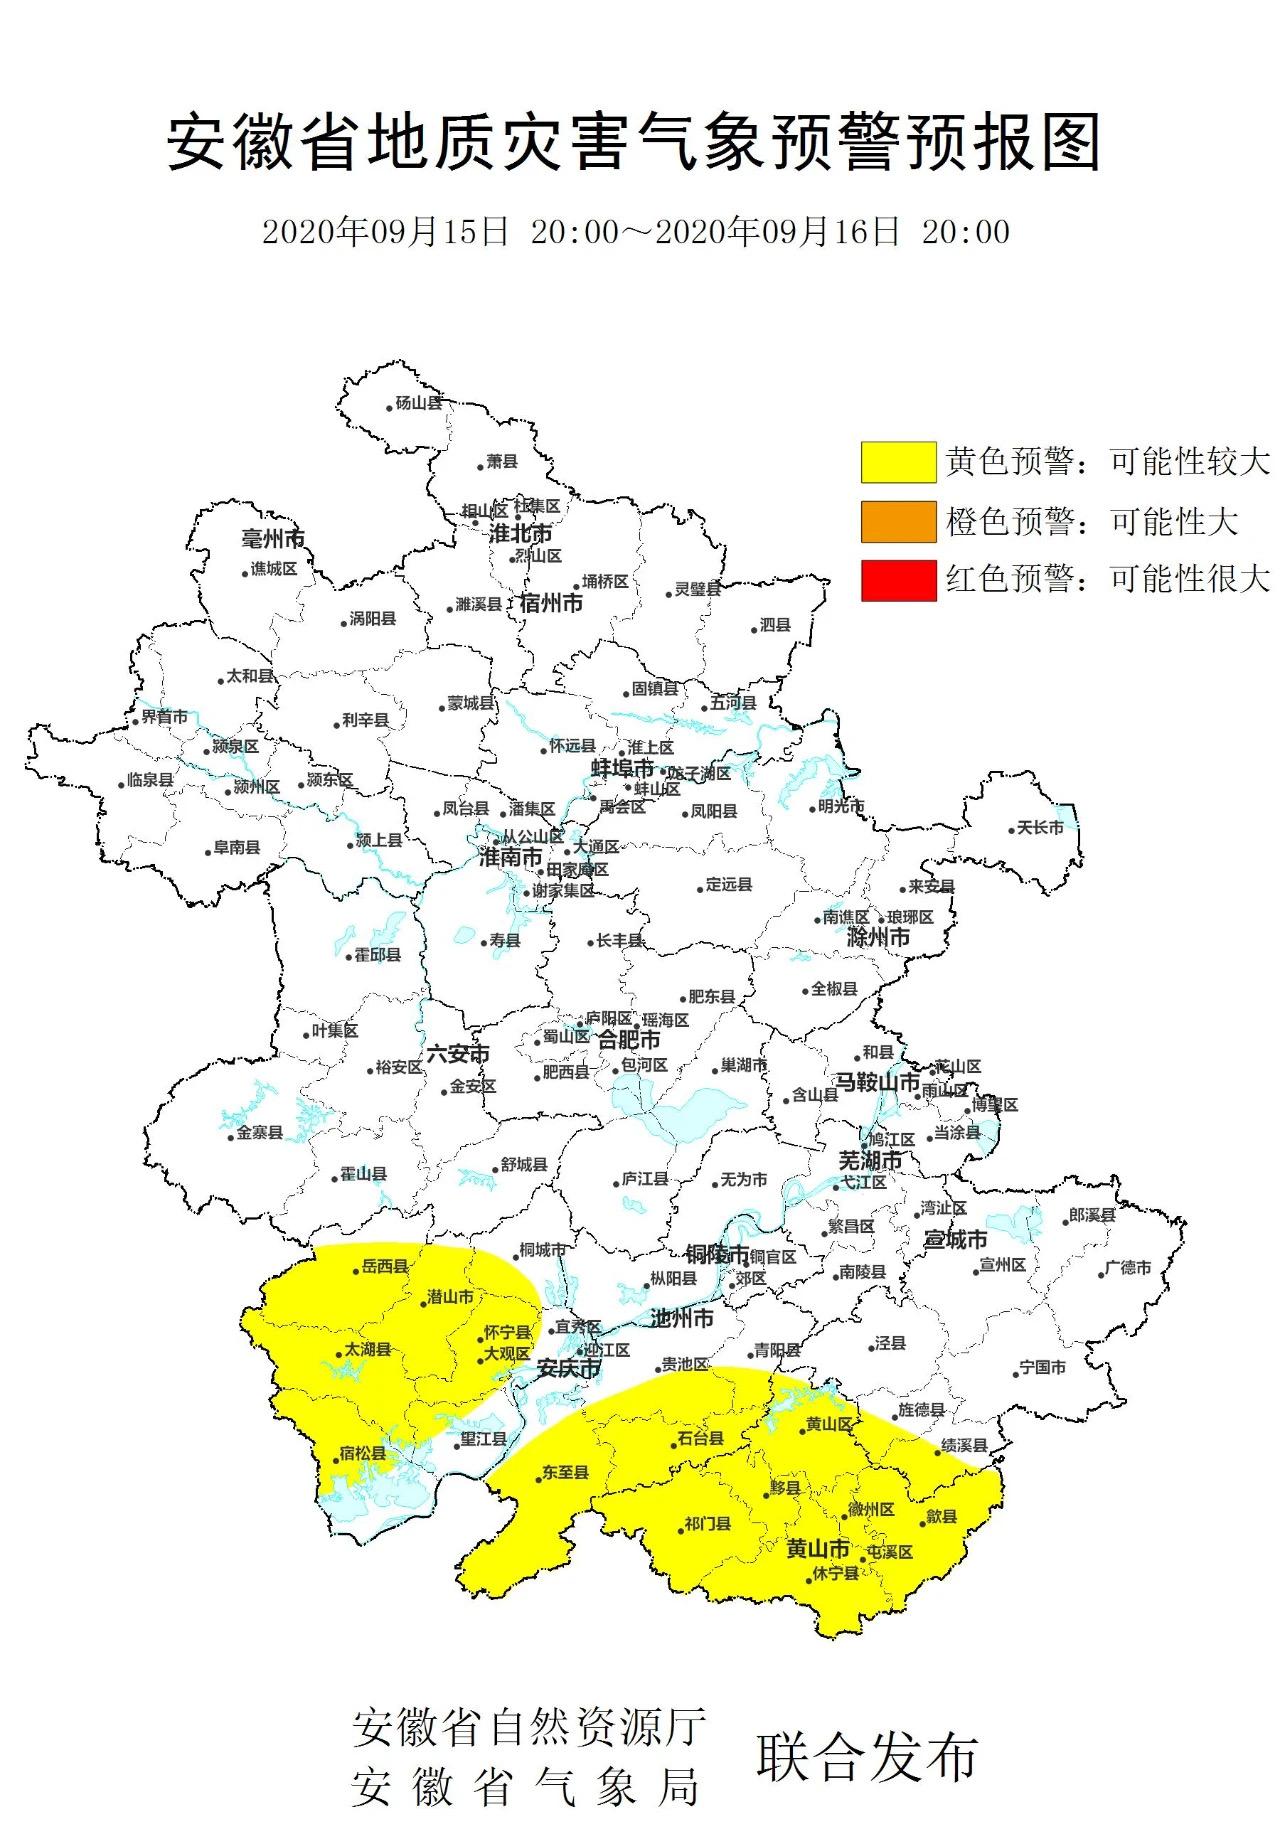 安徽省发布地质灾害黄色预警 皖南山区和大别山区风险高